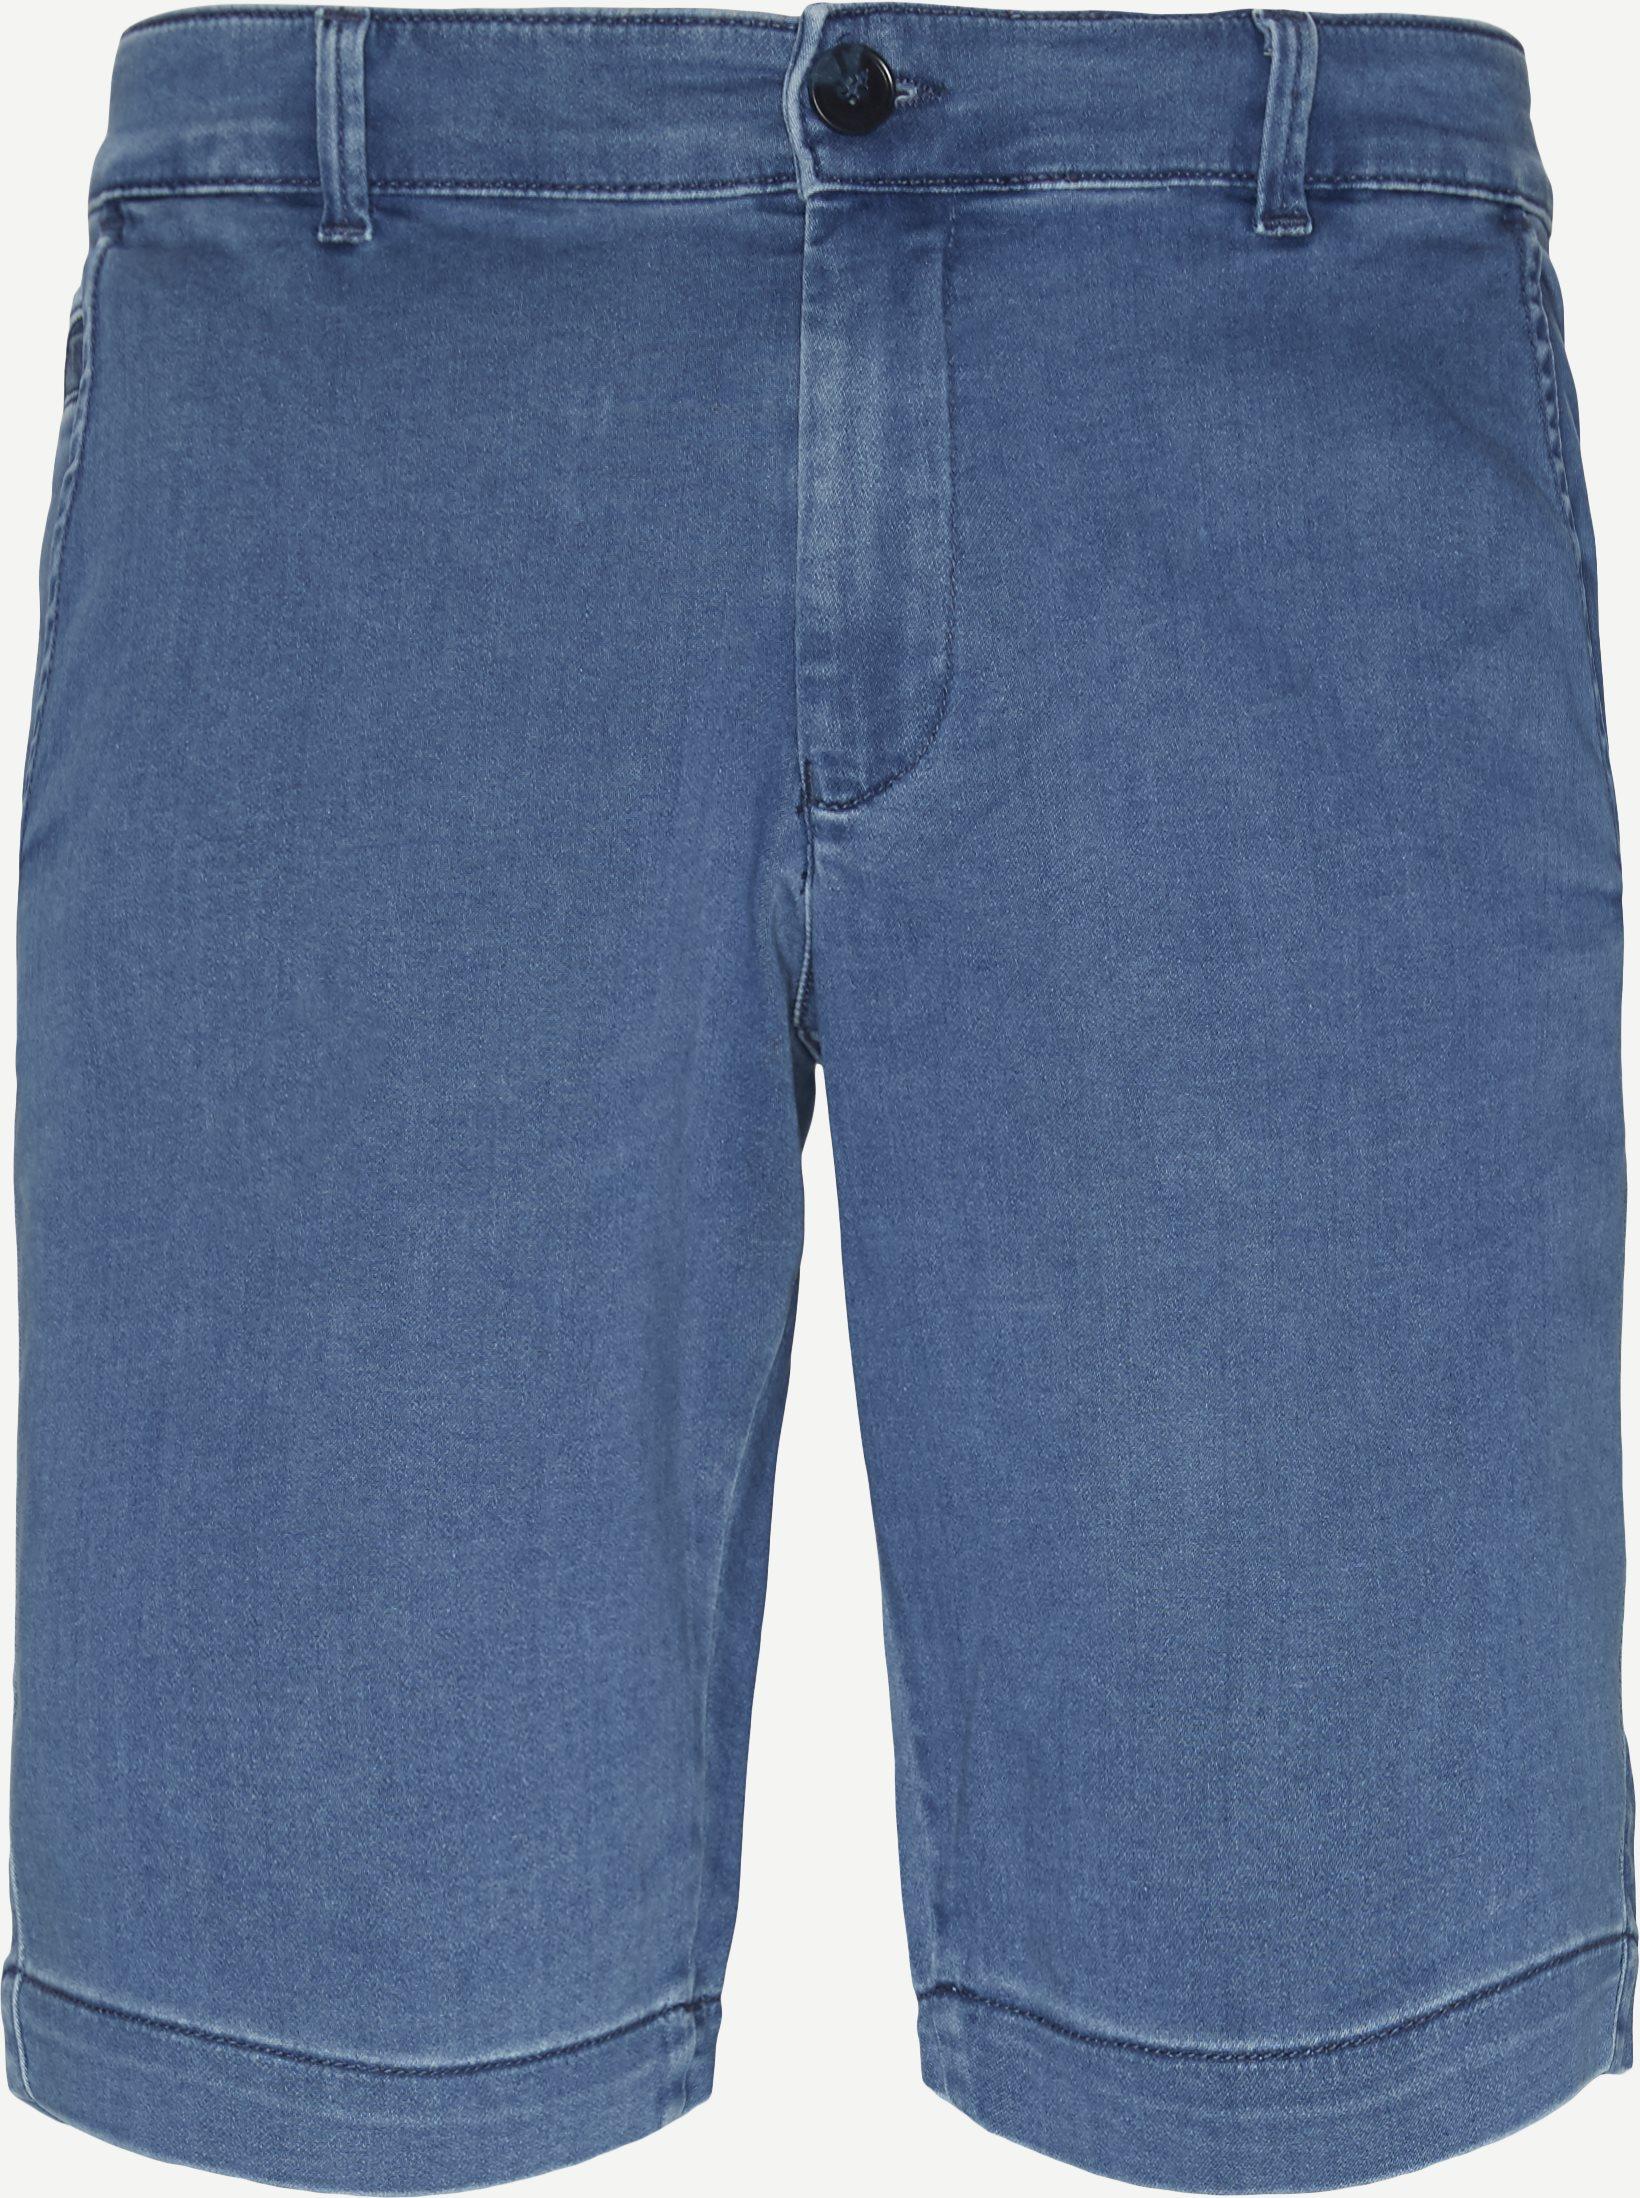 Shorts - Regular - Denim